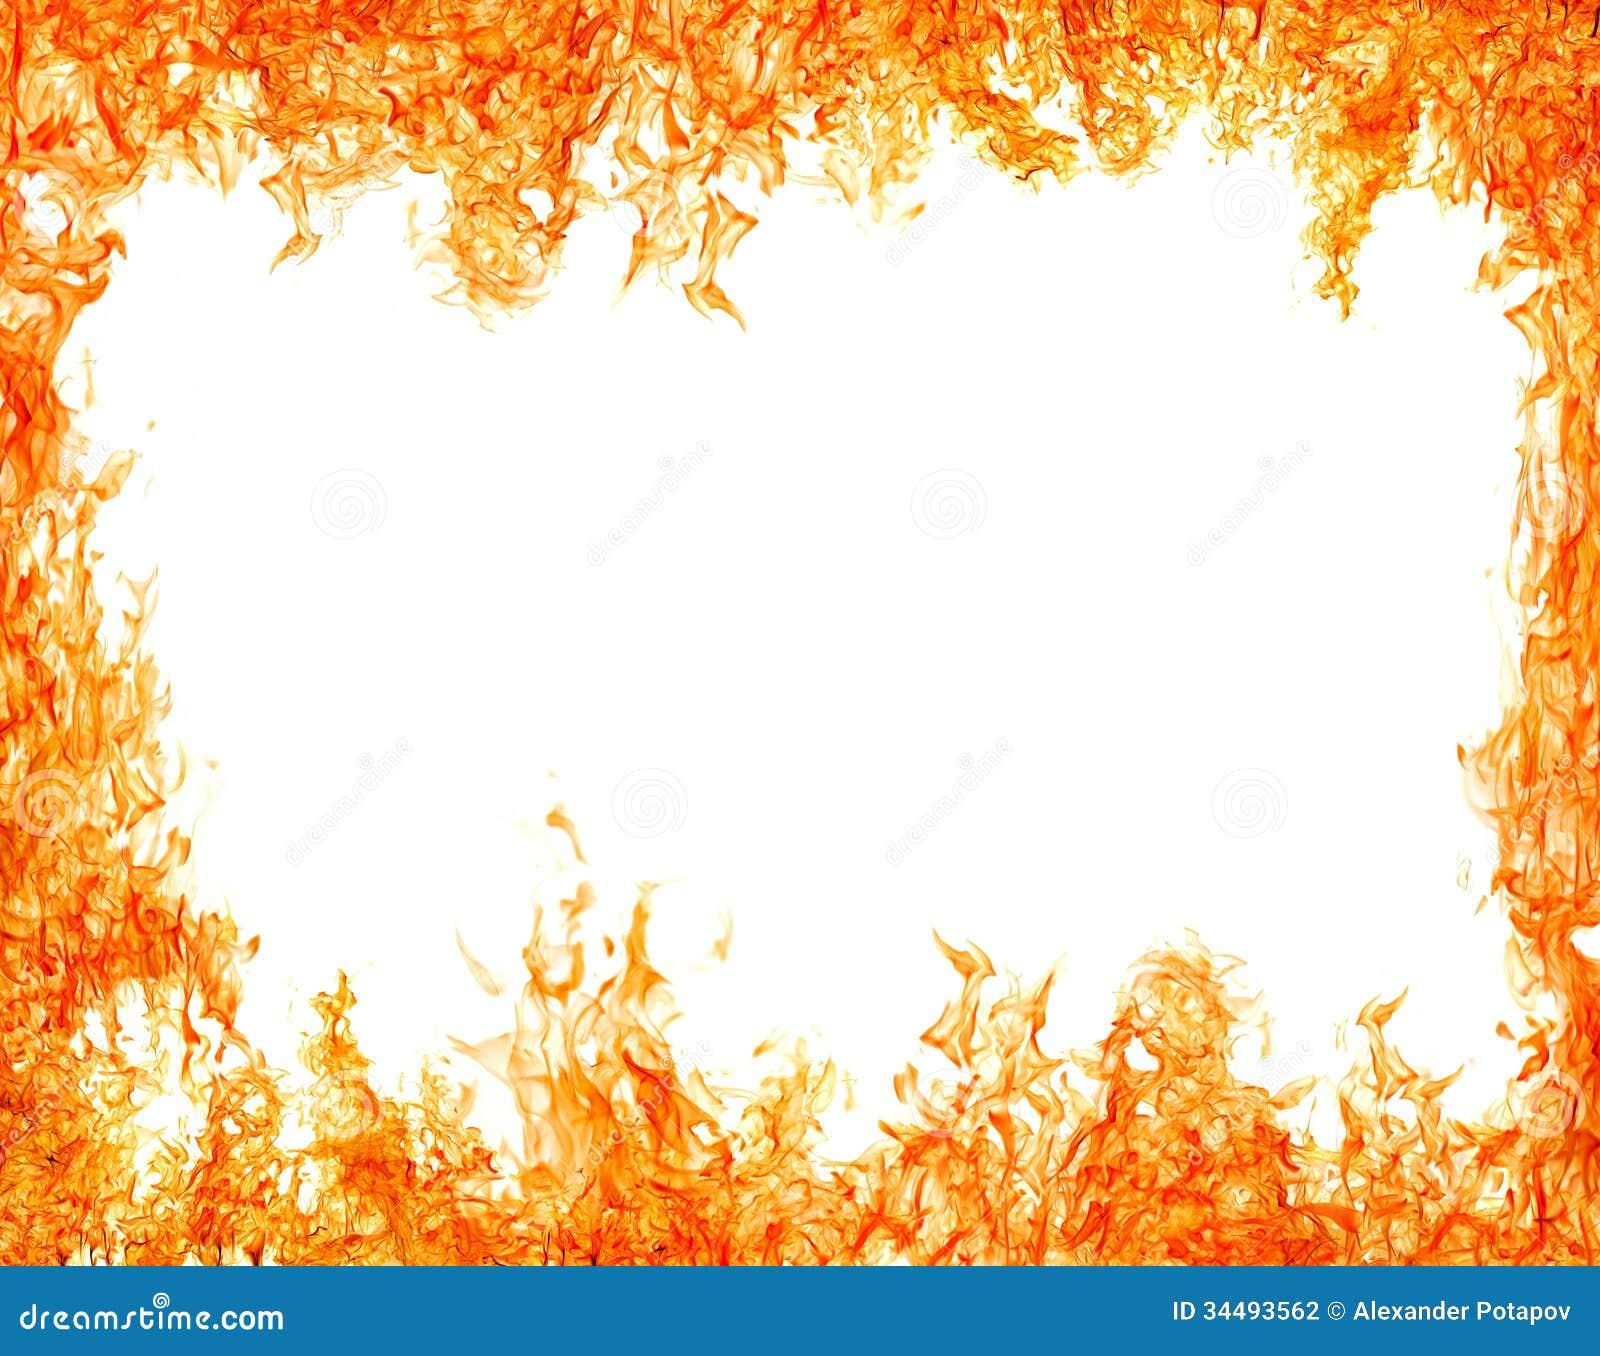 Bright Isolated On White Orange Flame Frame Stock Photography - Image ...